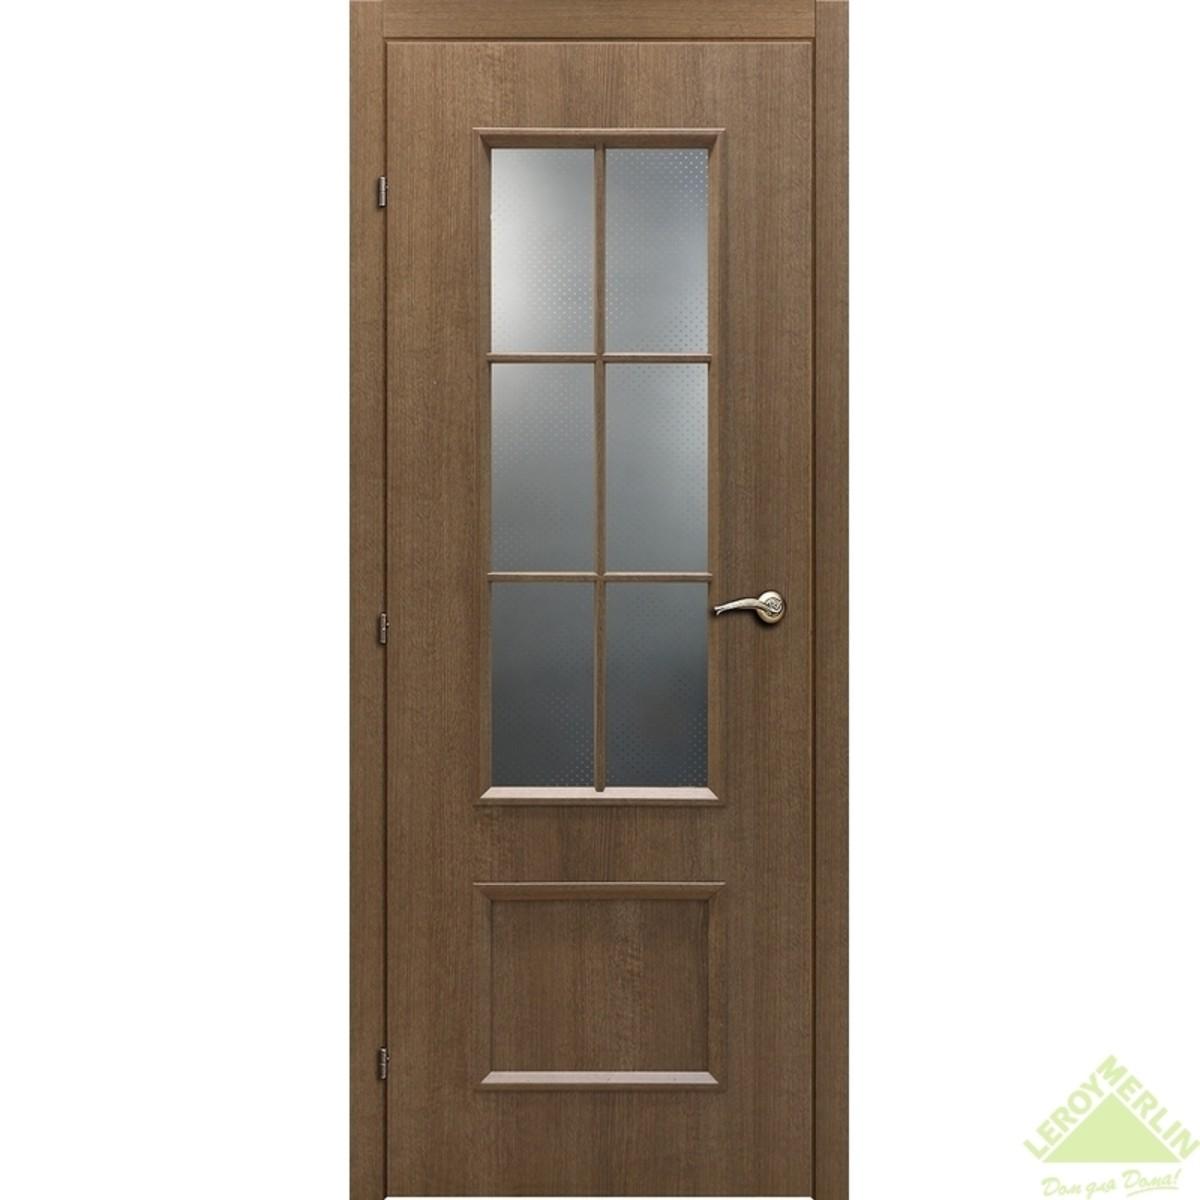 Дверь межкомнатная остеклённая 5003 КД 21-8 дуб риэль с фурнитурой